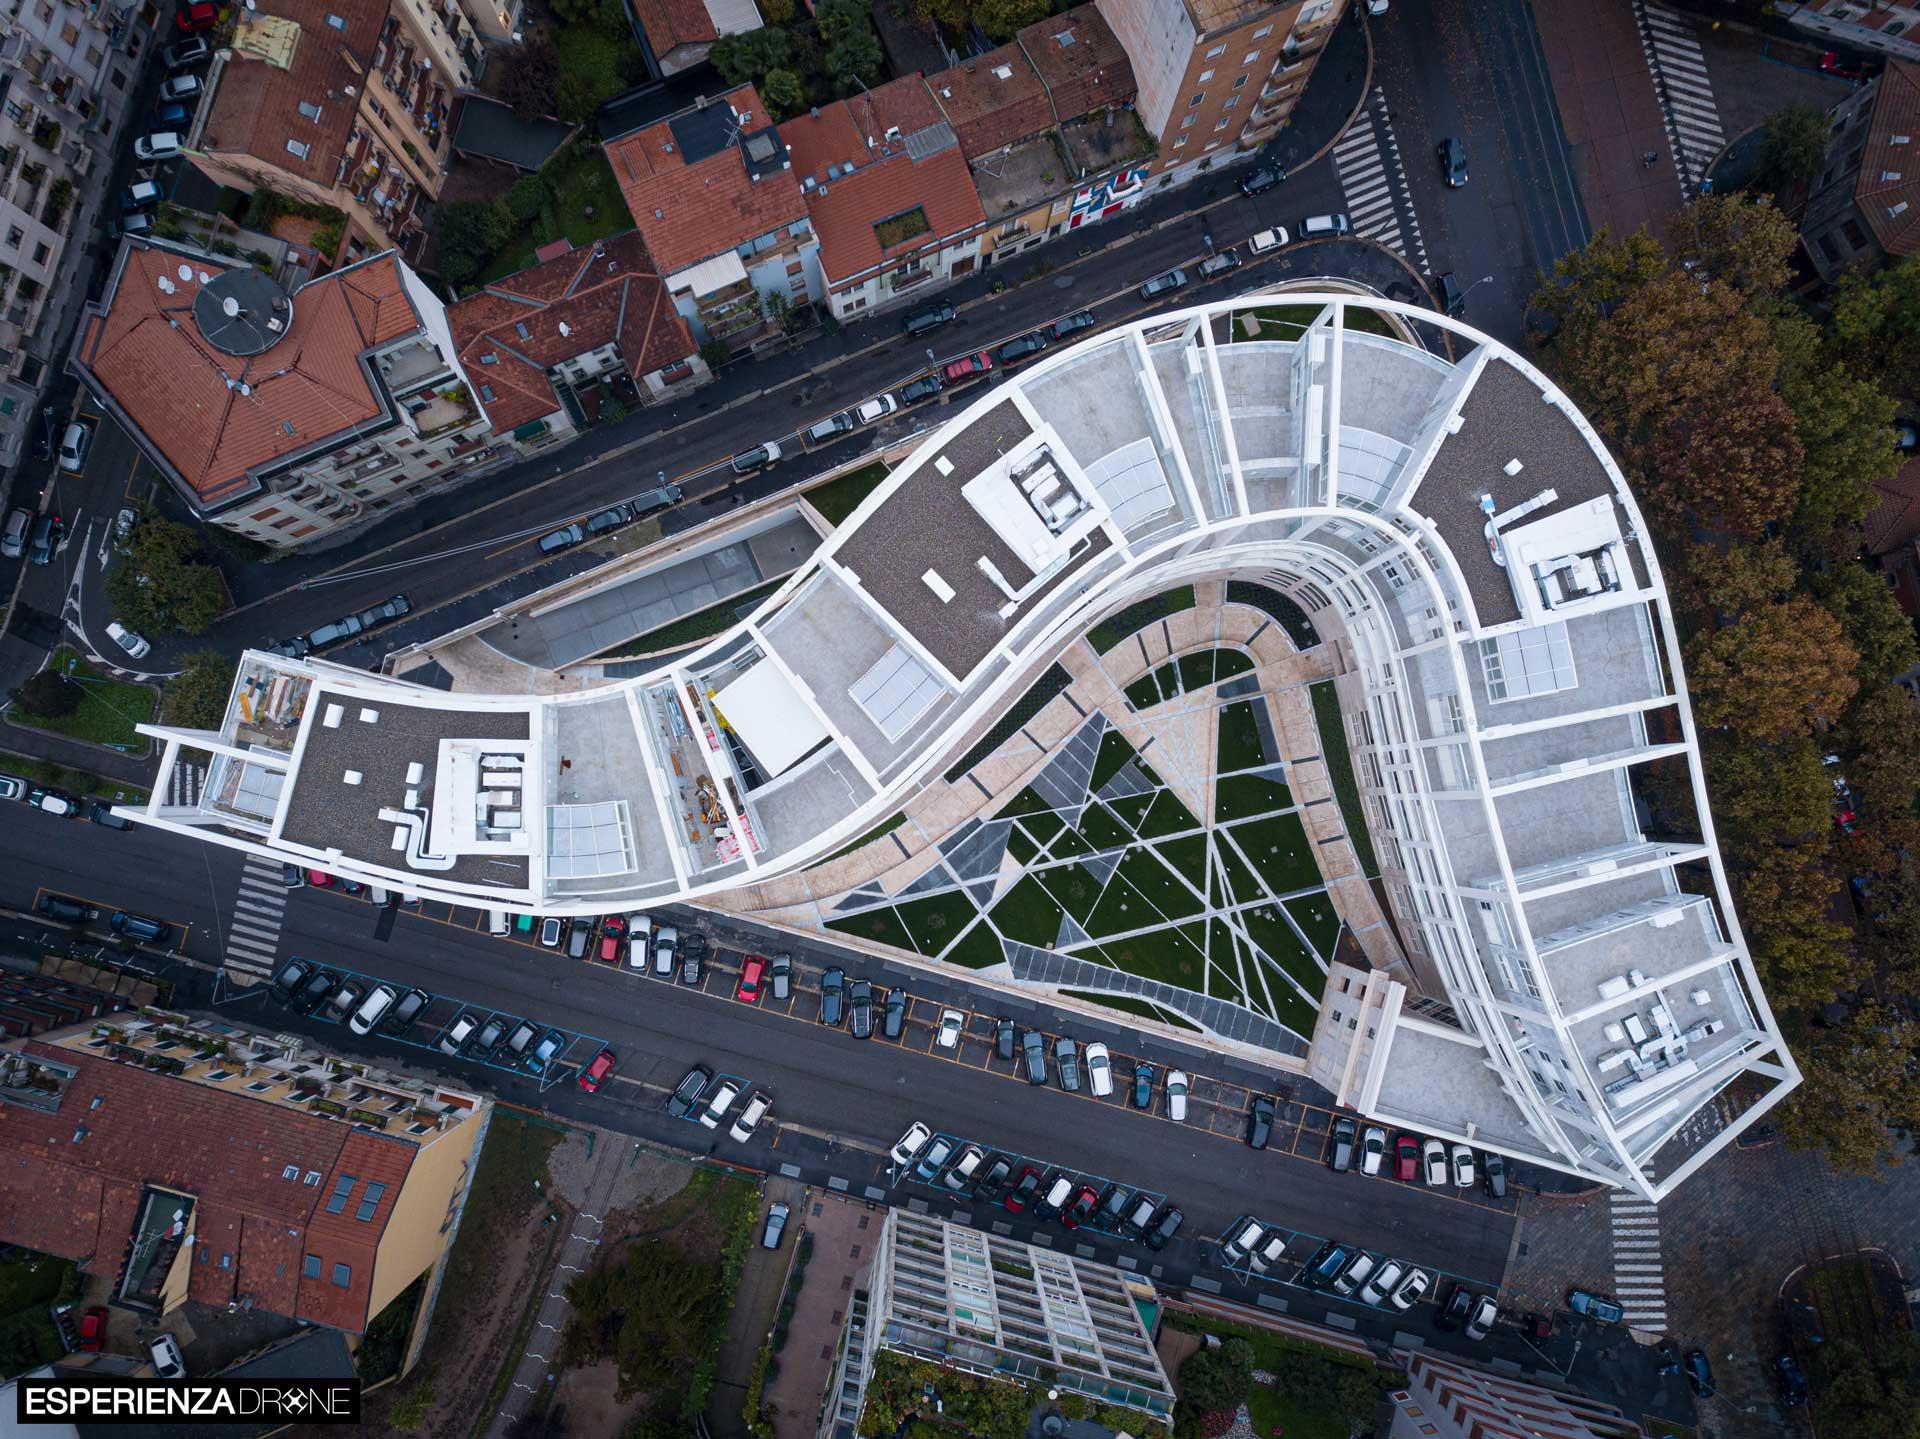 esperienza drone immagine portfolio architettura aerea zenitale diurna milano residenze carlo erba uno 1.jpg